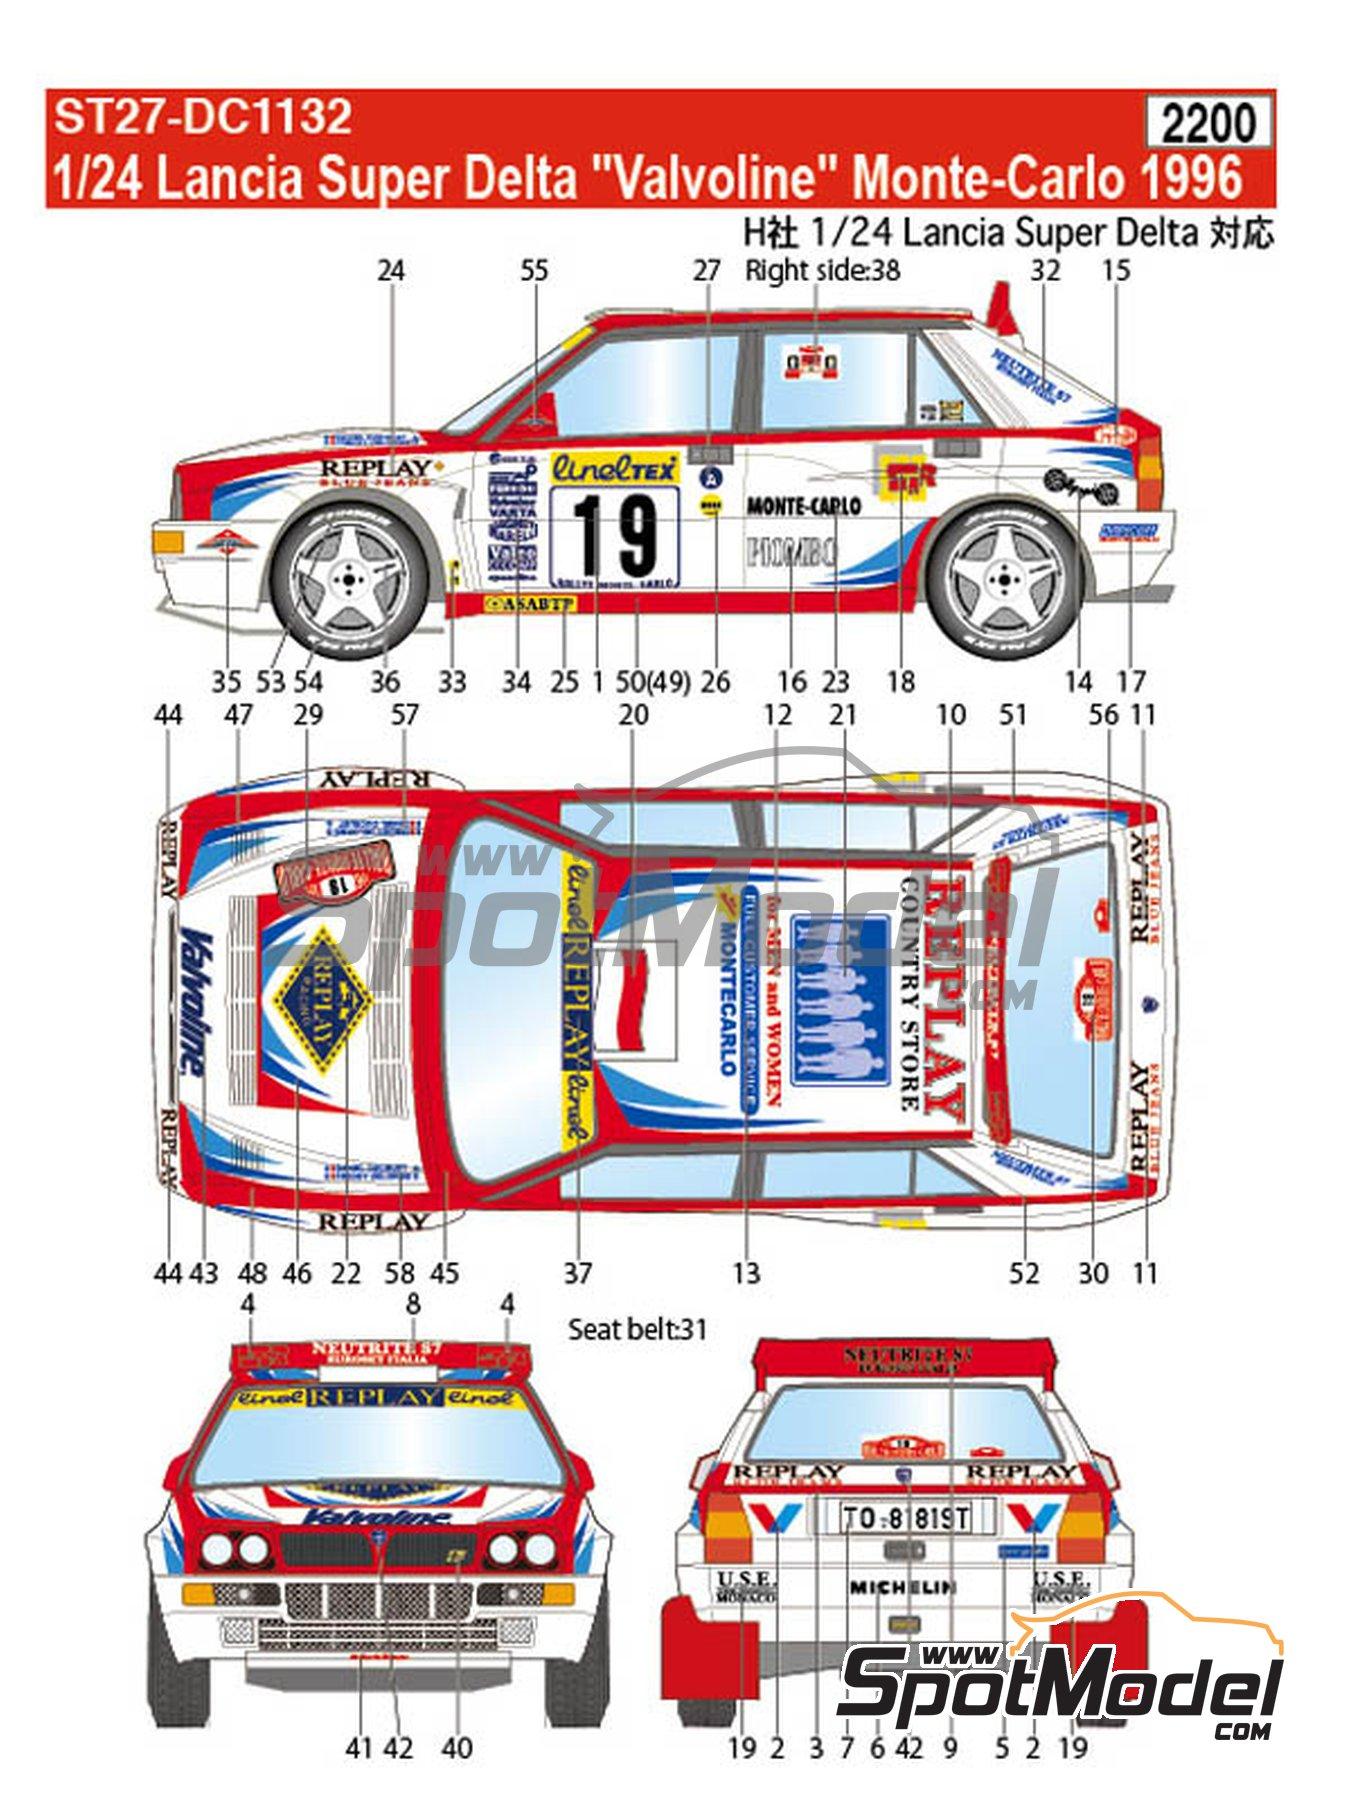 Lancia Super Delta Valvoline - Rally de Montecarlo 1996 | Decoración en escala1/24 fabricado por Studio27 (ref.ST27-DC1132) image